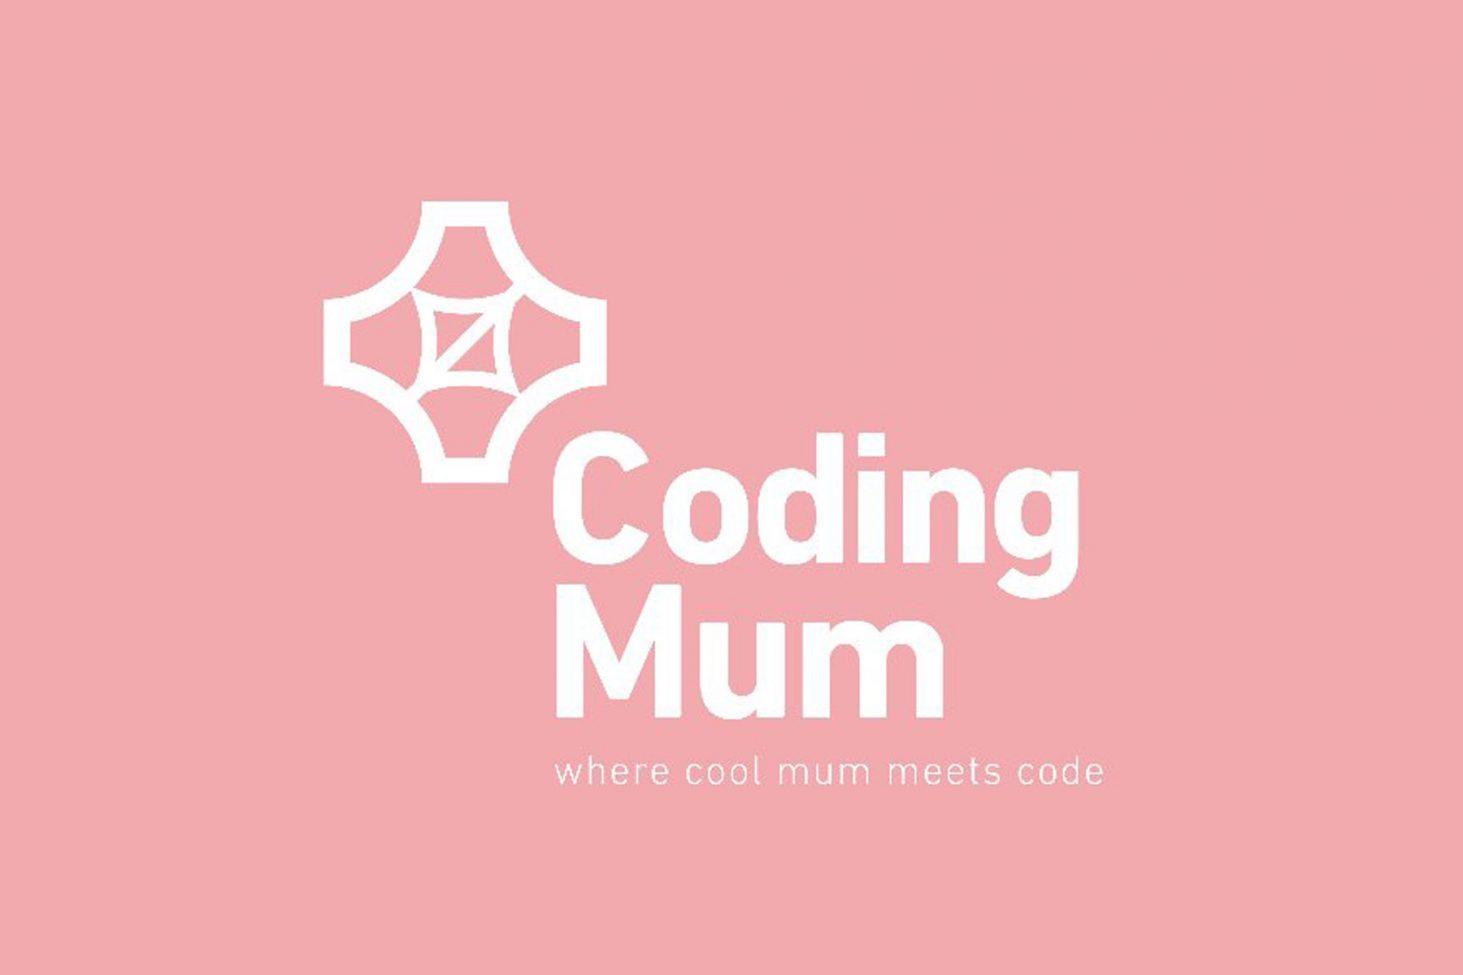 Coding Mum Indonesia